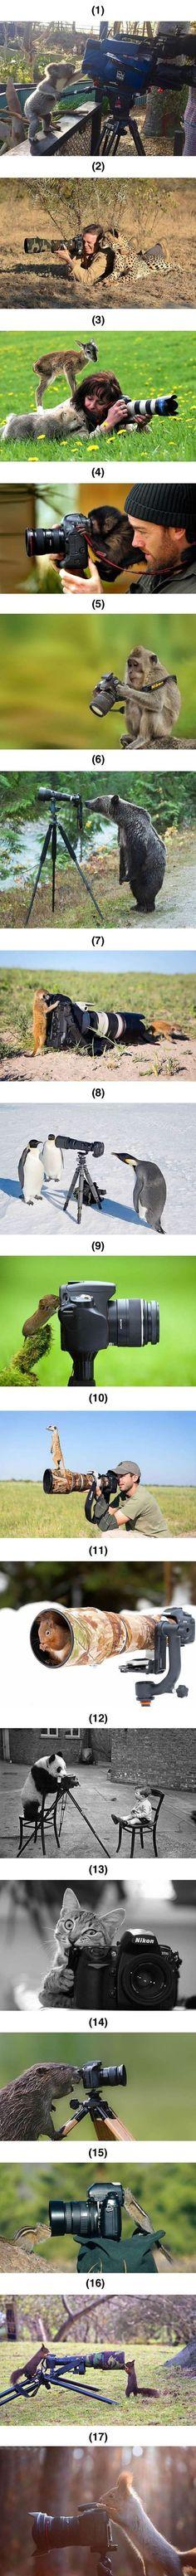 Leuke dieren pics....